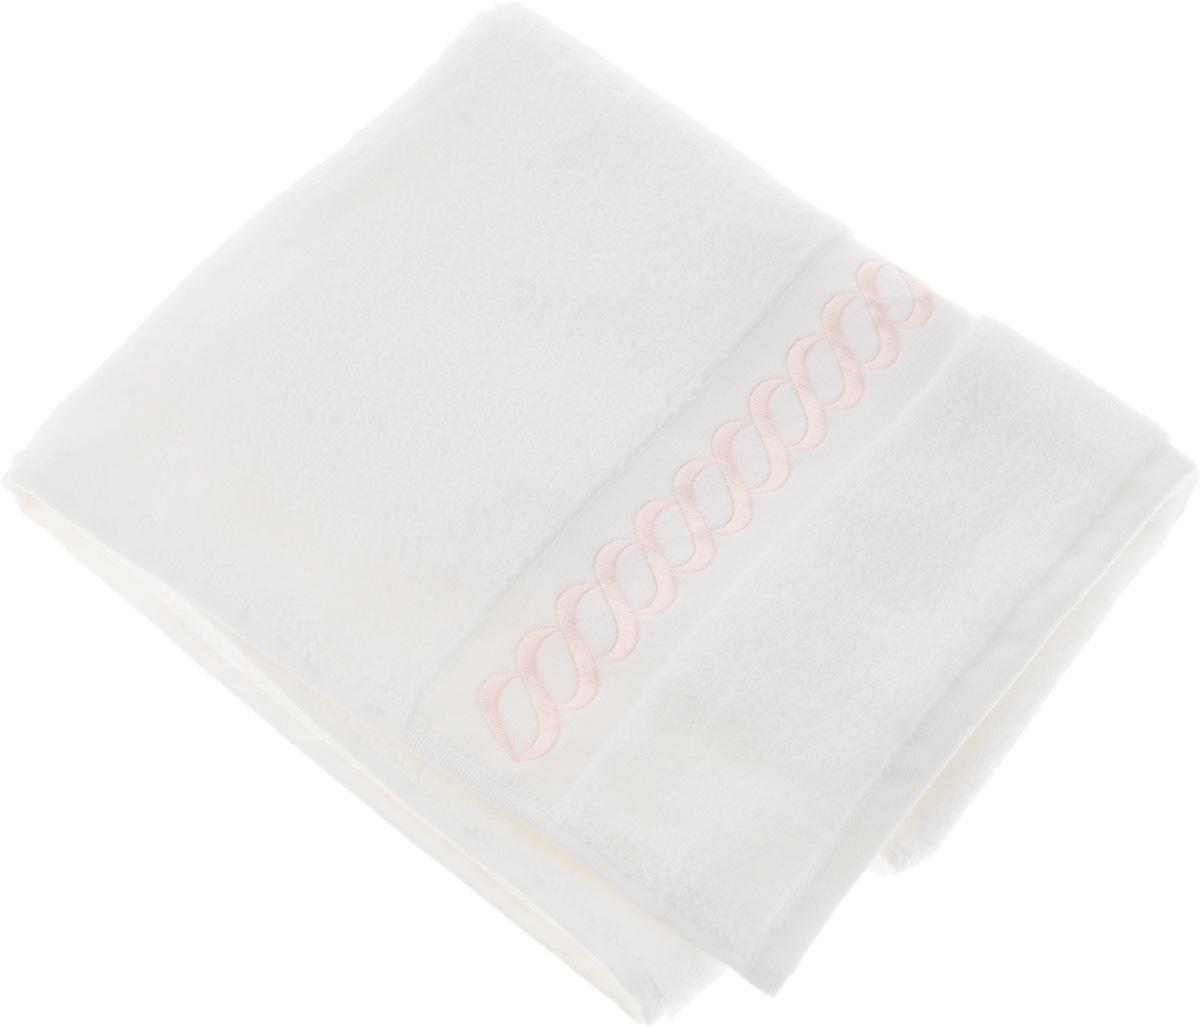 Полотенце махровое Issimo Home Pauline, цвет: белый, розовый, 90 x 150 см4726Полотенце Issimo Home Pauline выполнено из натуральной махровой ткани (100% хлопок). Изделие отлично впитывает влагу, быстро сохнет и не теряет форму даже после многократных стирок. Рекомендации по уходу:- режим стирки при 40°C,- допускается обычная химчистка,- отбеливание запрещено,- глажка при температуре подошвы утюга до 110°С,- барабанный отжим запрещен.Размер полотенца: 90 x 150 см.